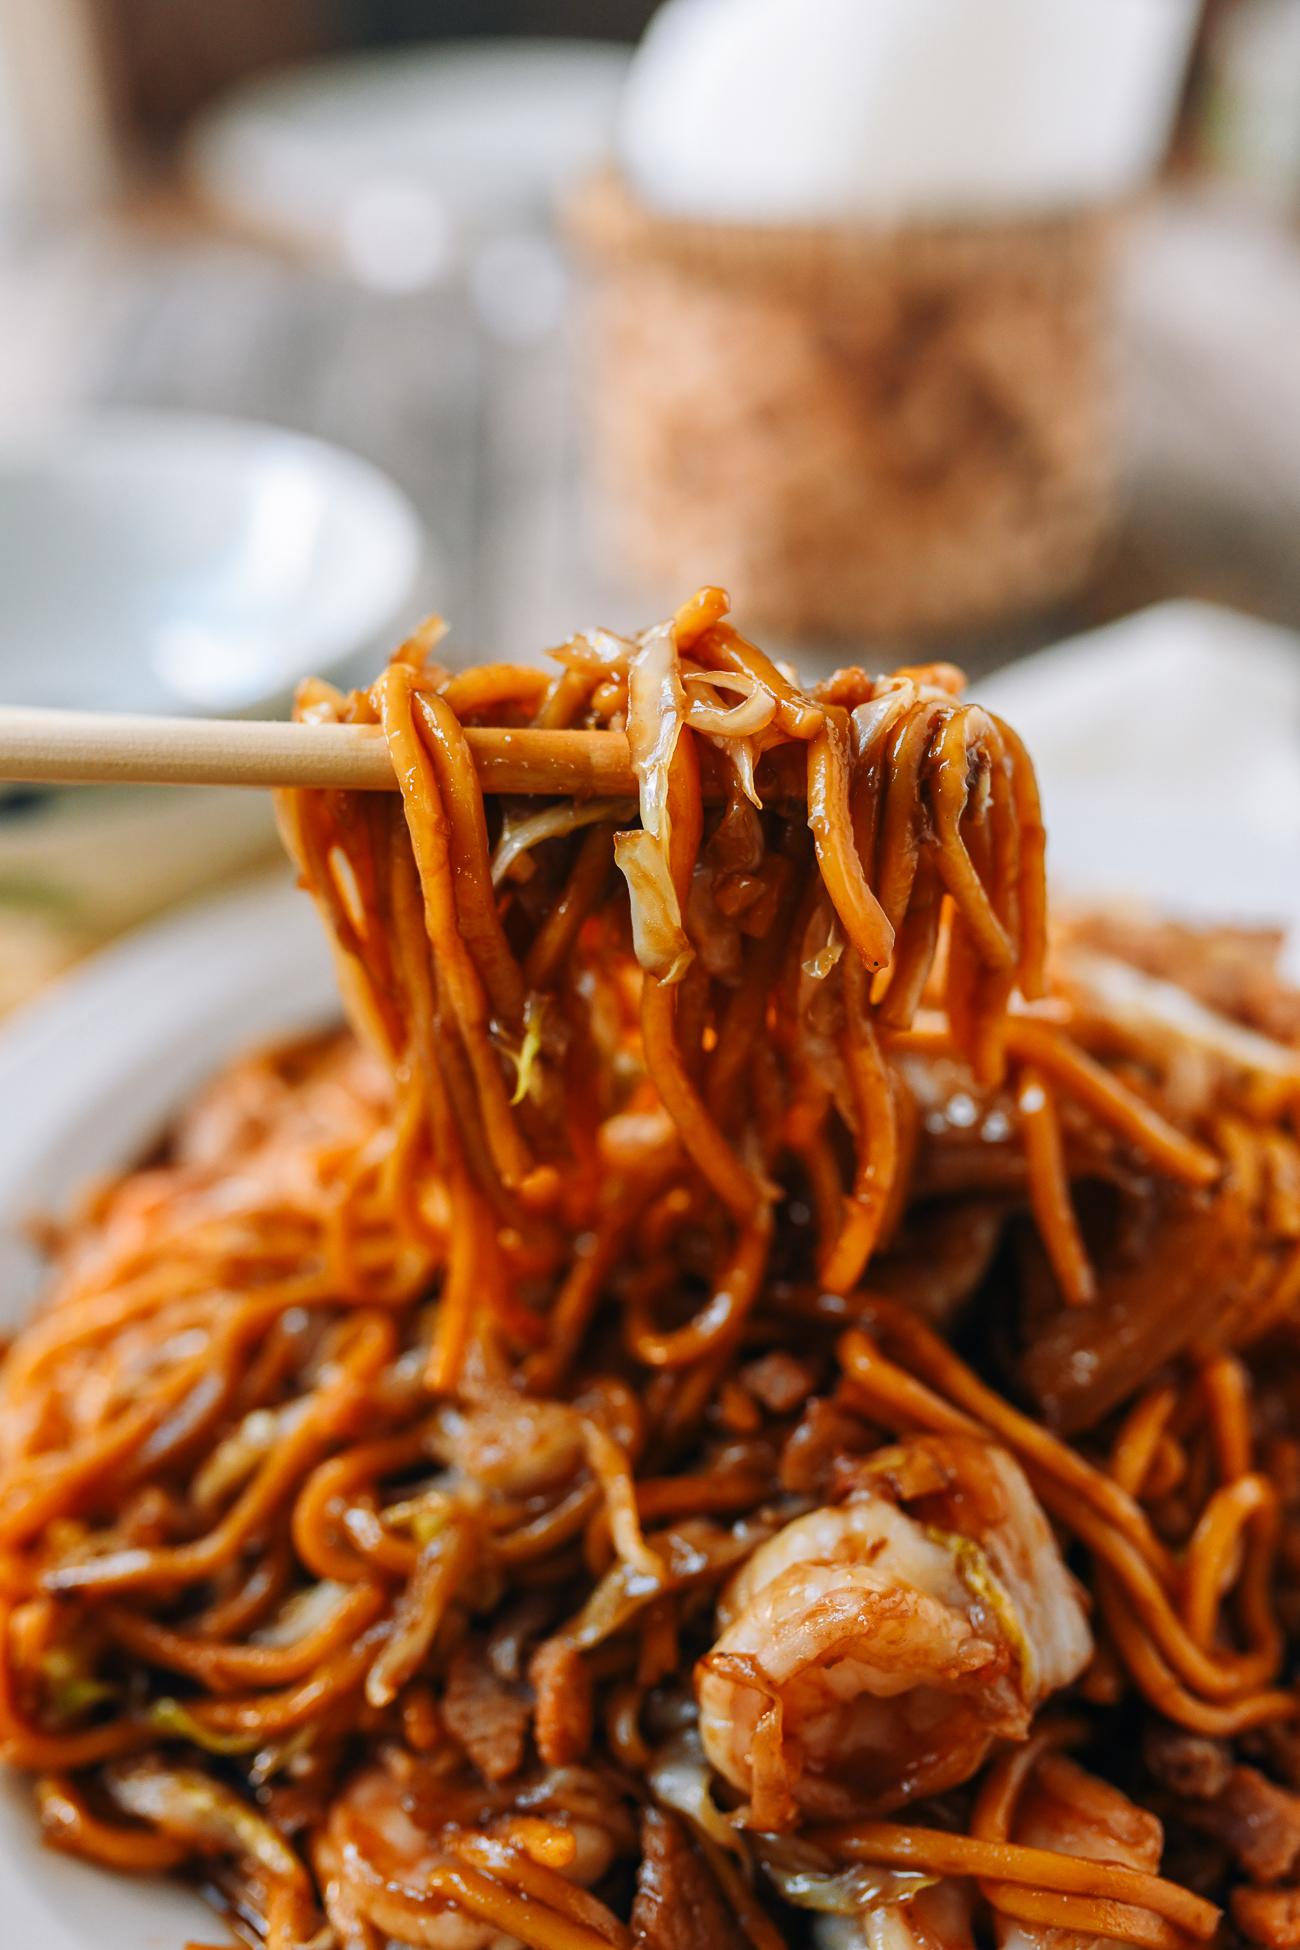 Chopsticks picking up Malaysian hokkien noodles